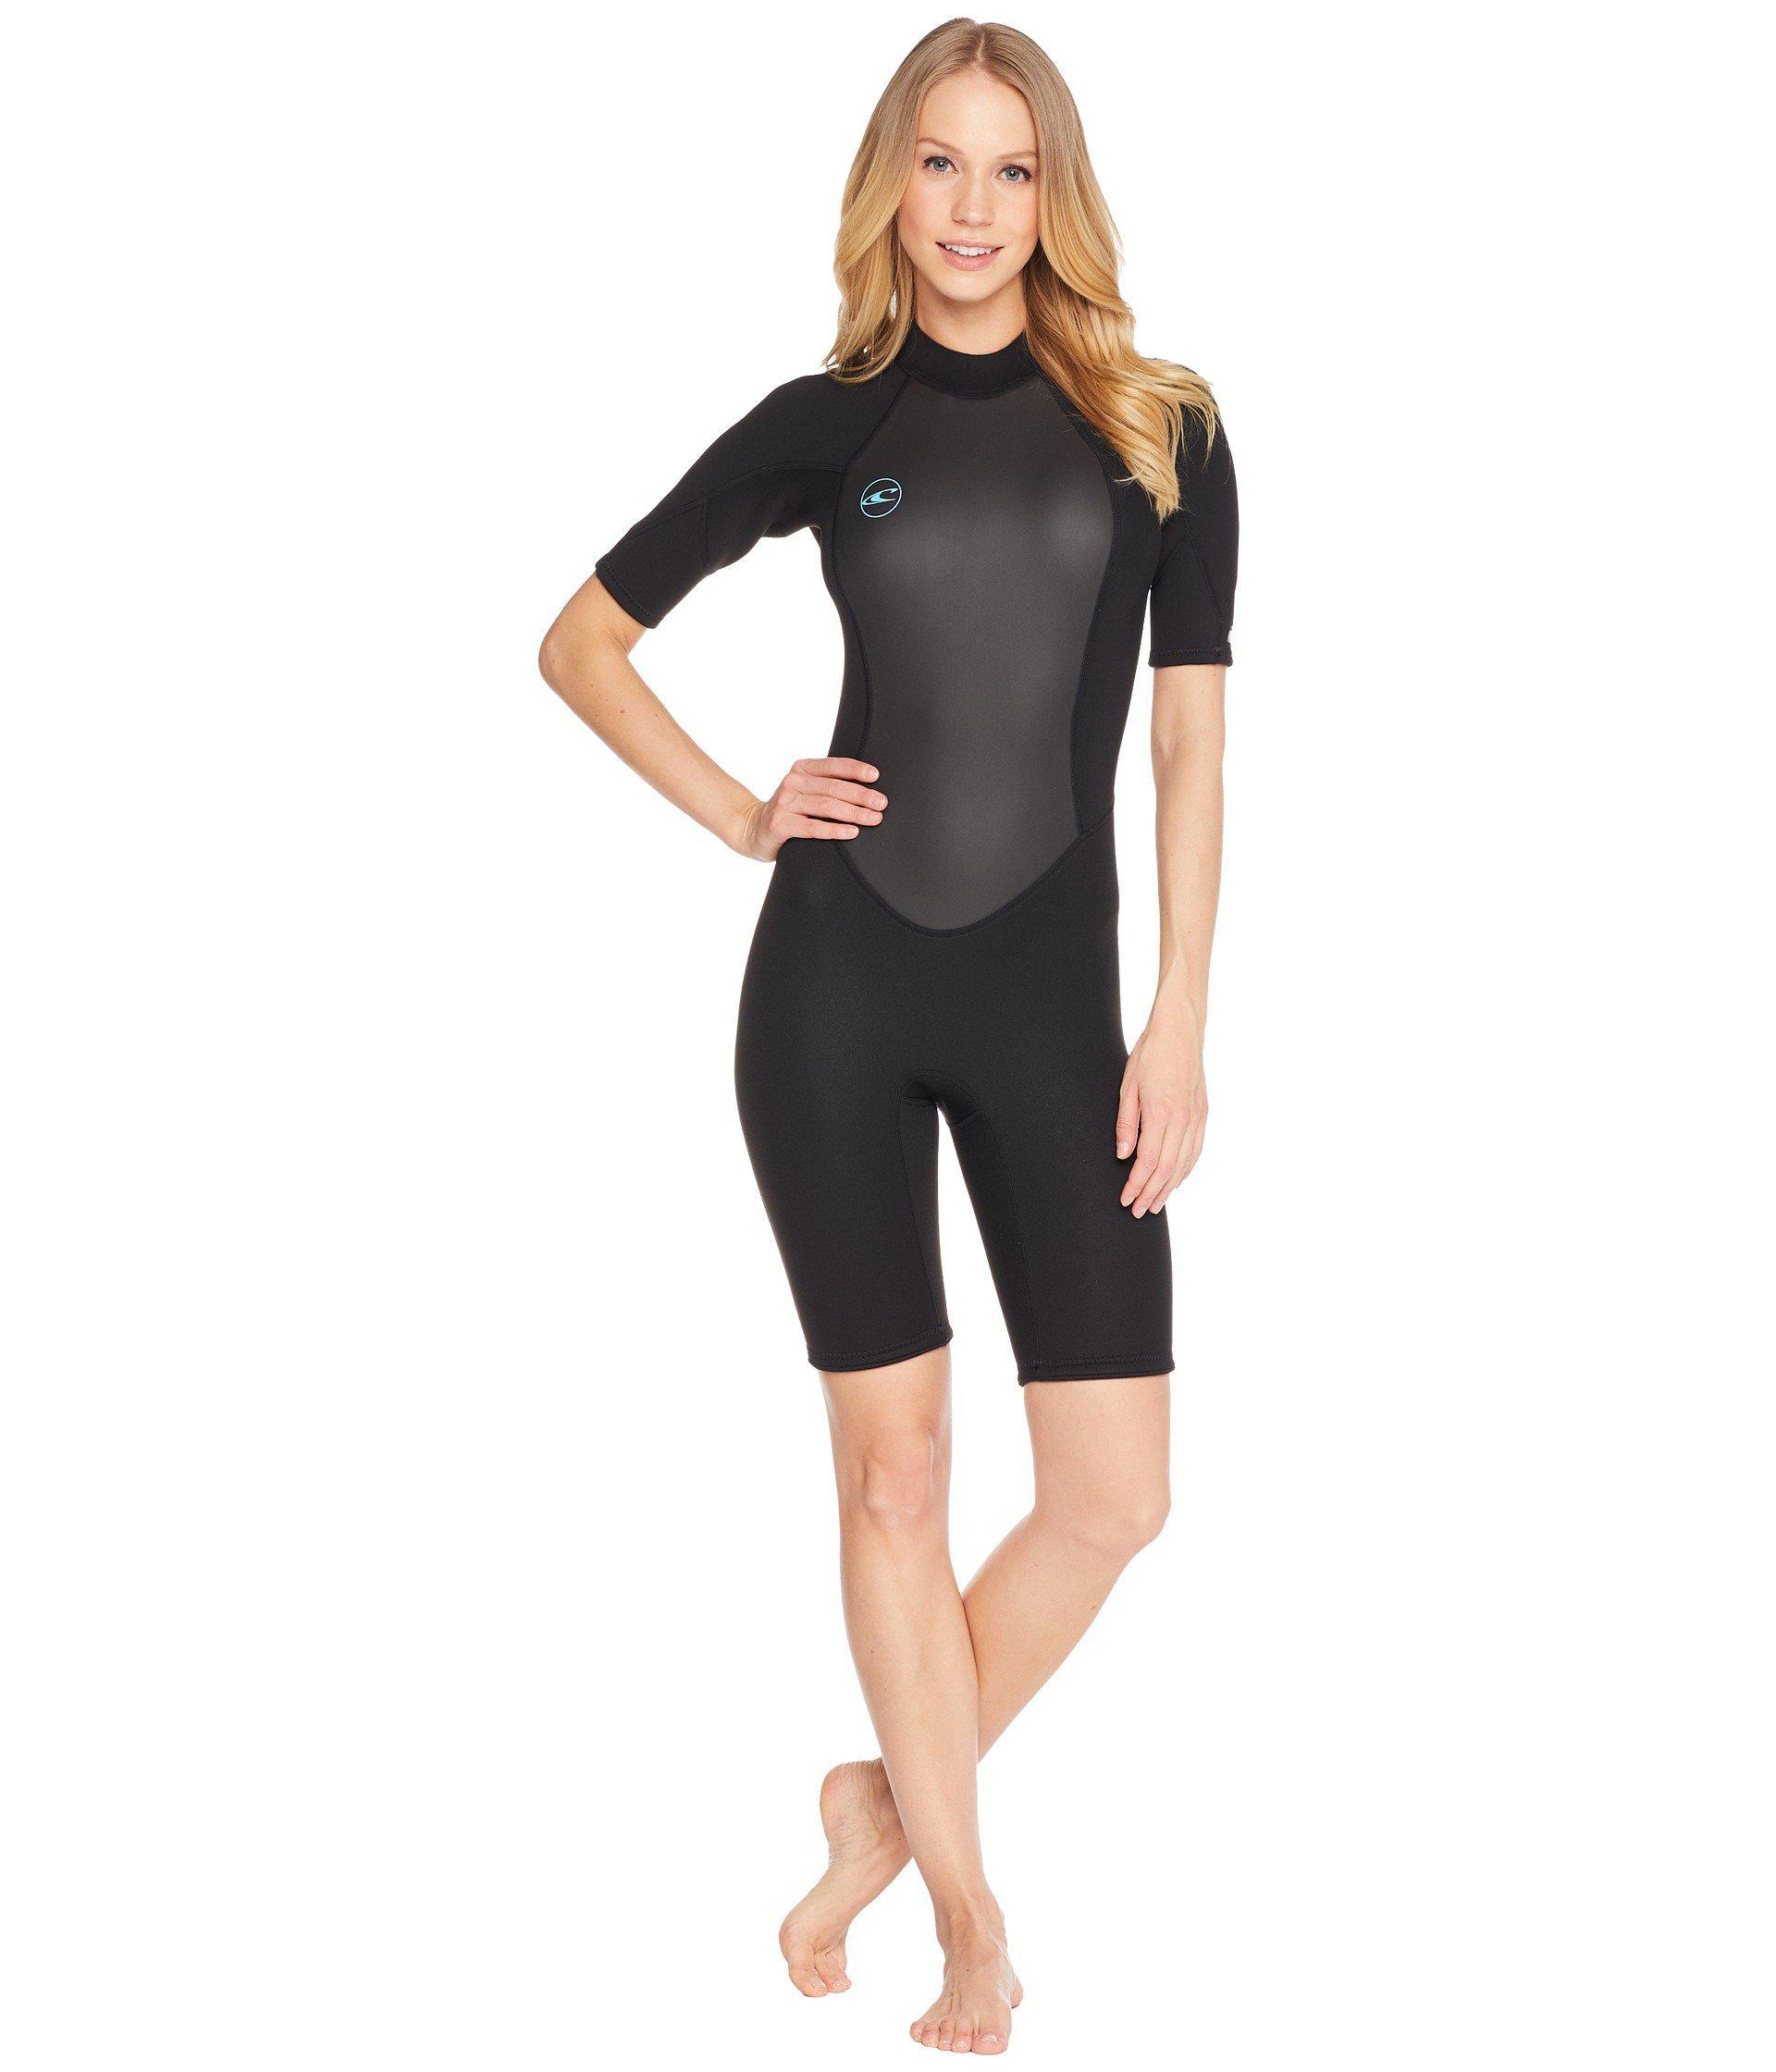 Lyst - O neill Sportswear Reactor-2 2mm Back Zip Short Sleeve (black ... 2eaa5f2a5